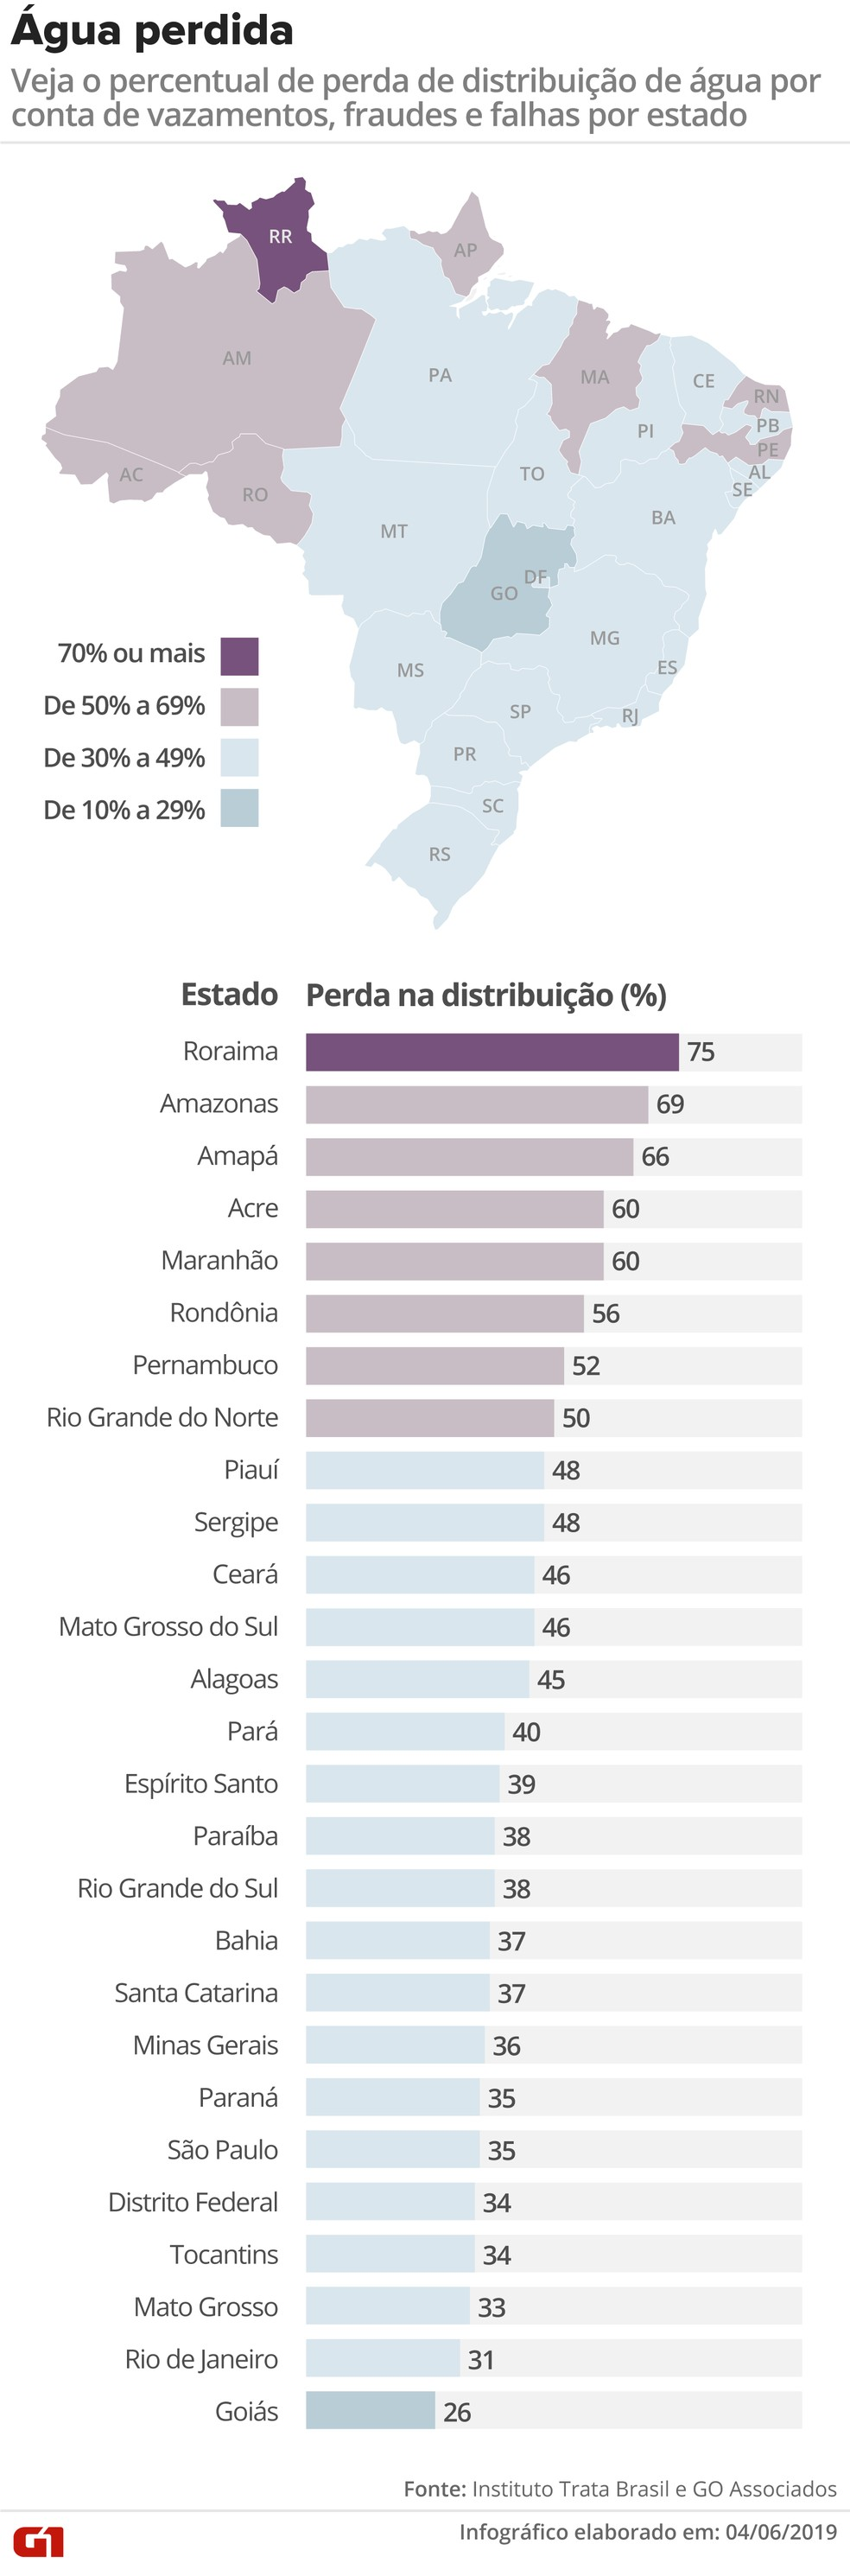 Percentual de perda de distribuição de água por conta de vazamentos, fraudes e falhas por estado — Foto: Guilherme Pinheiro/Arte